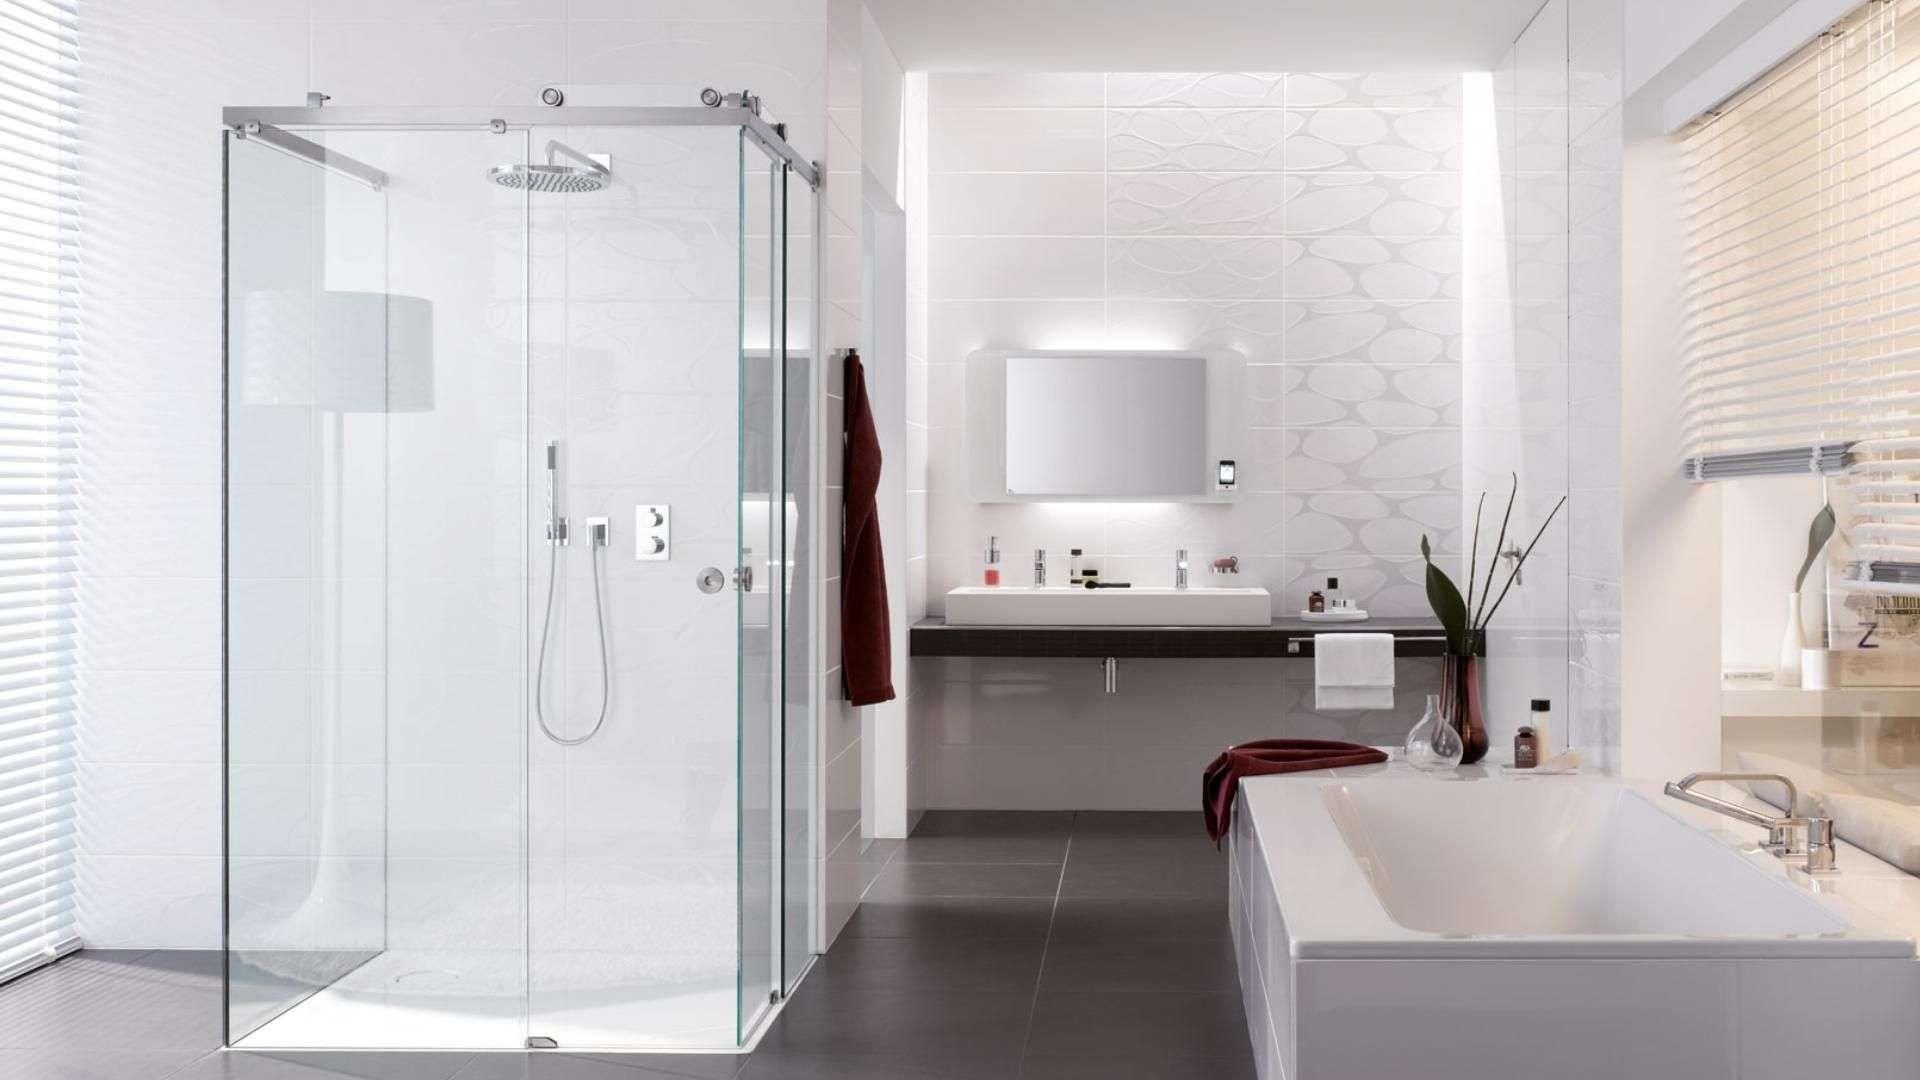 Regendusche mit Glaswänden in einem Badezimmer